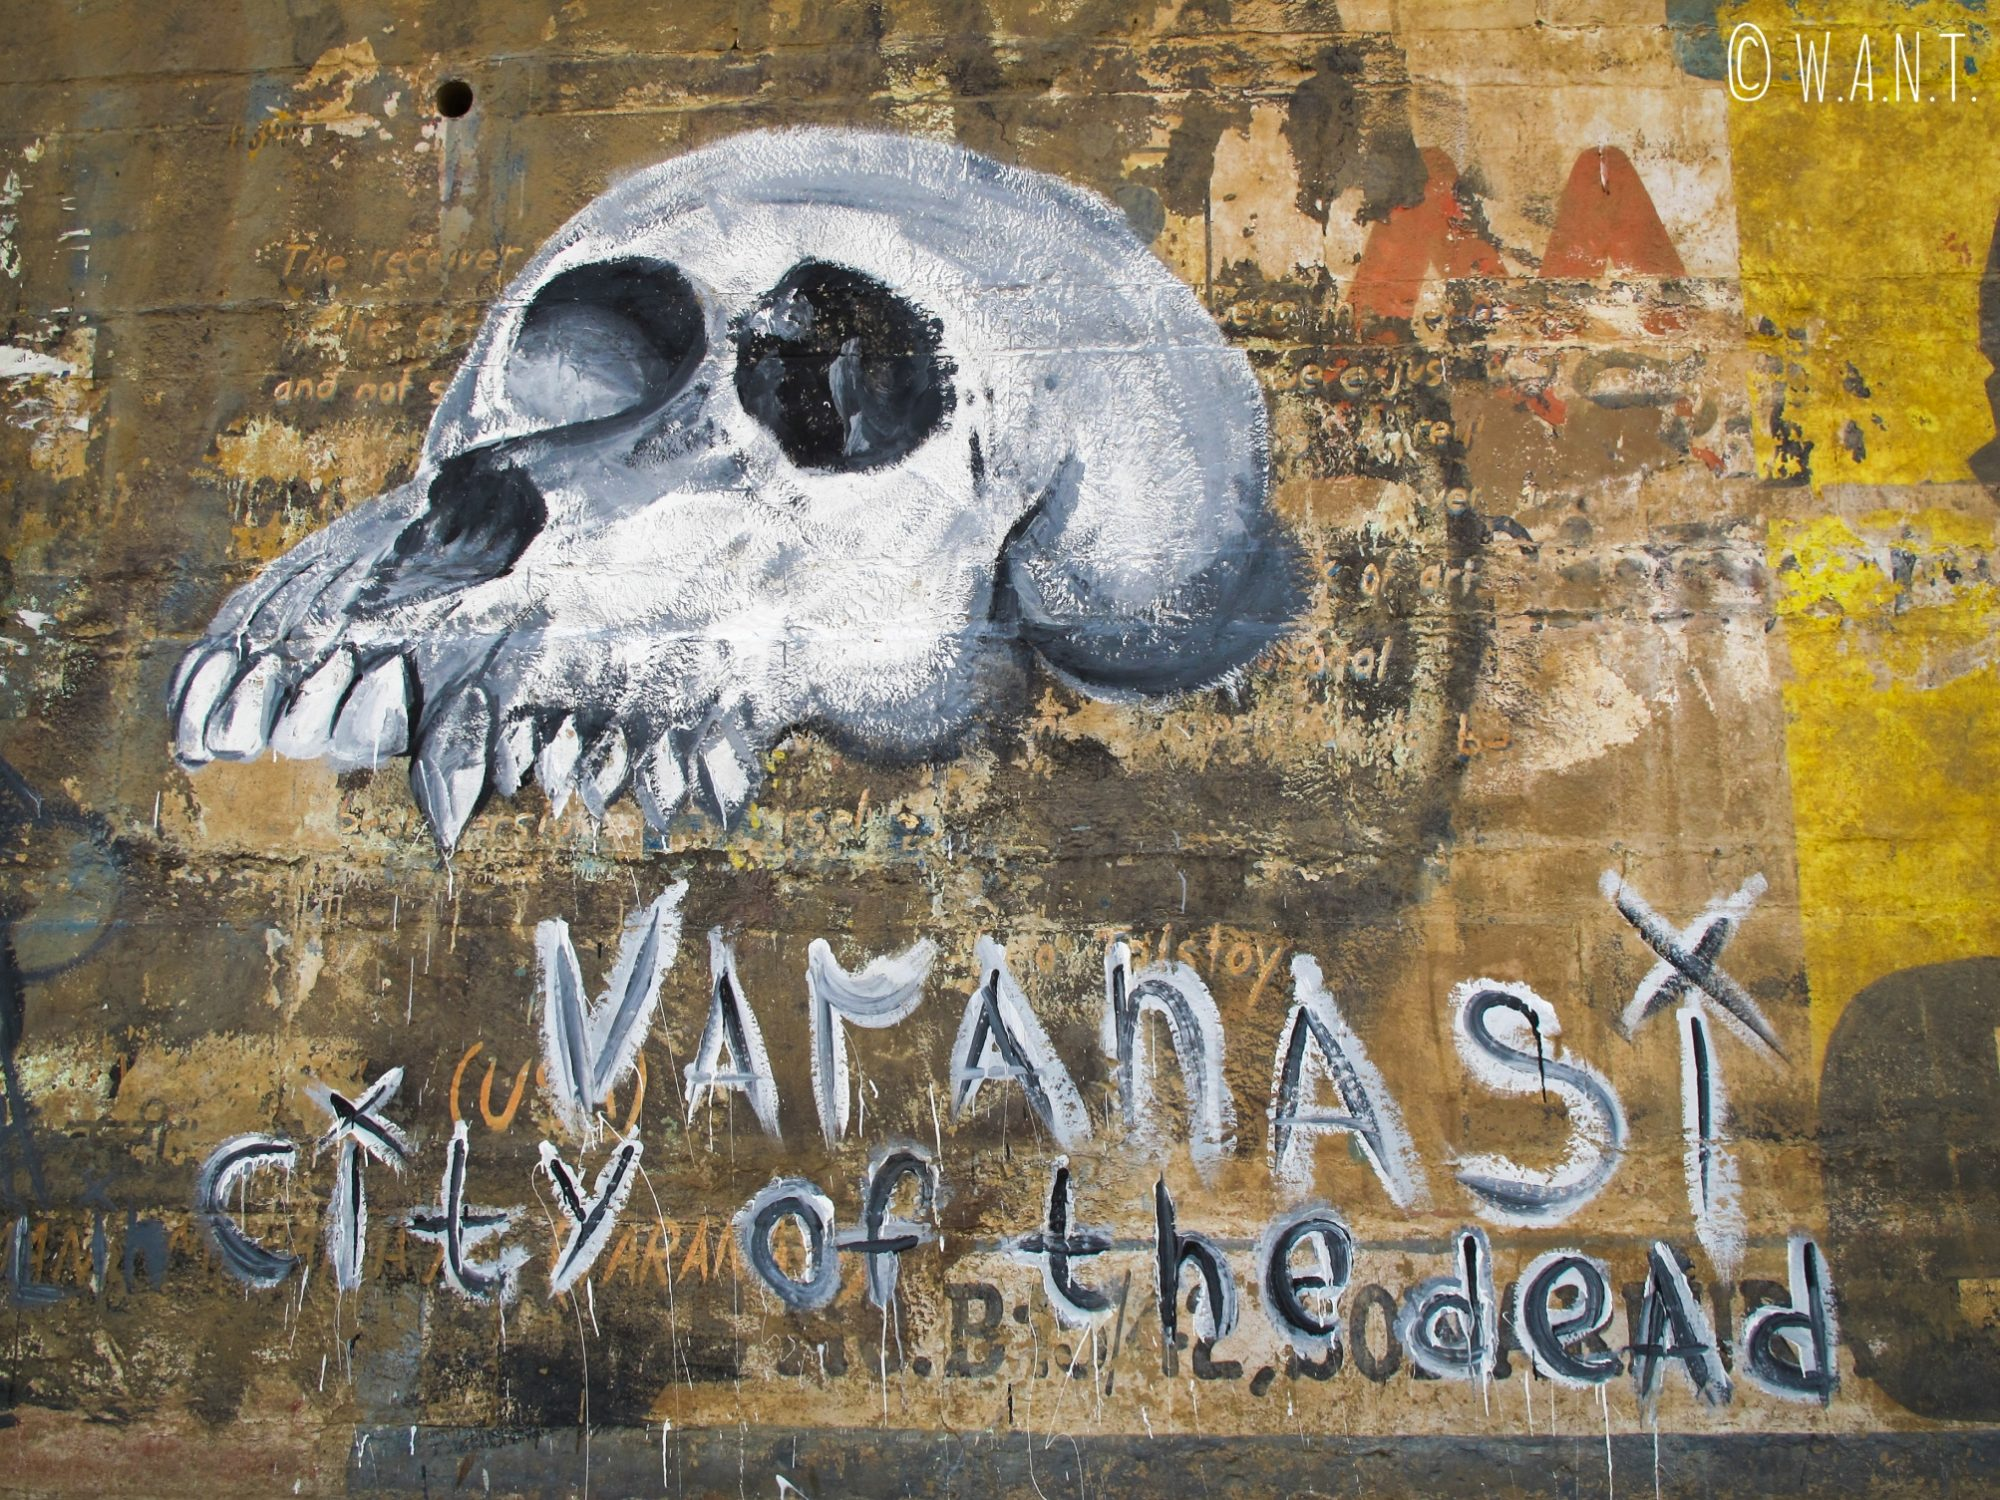 Varanasi est appelée la cité des morts car les Hindous y viennent pour effectuer le rituel de la crémation